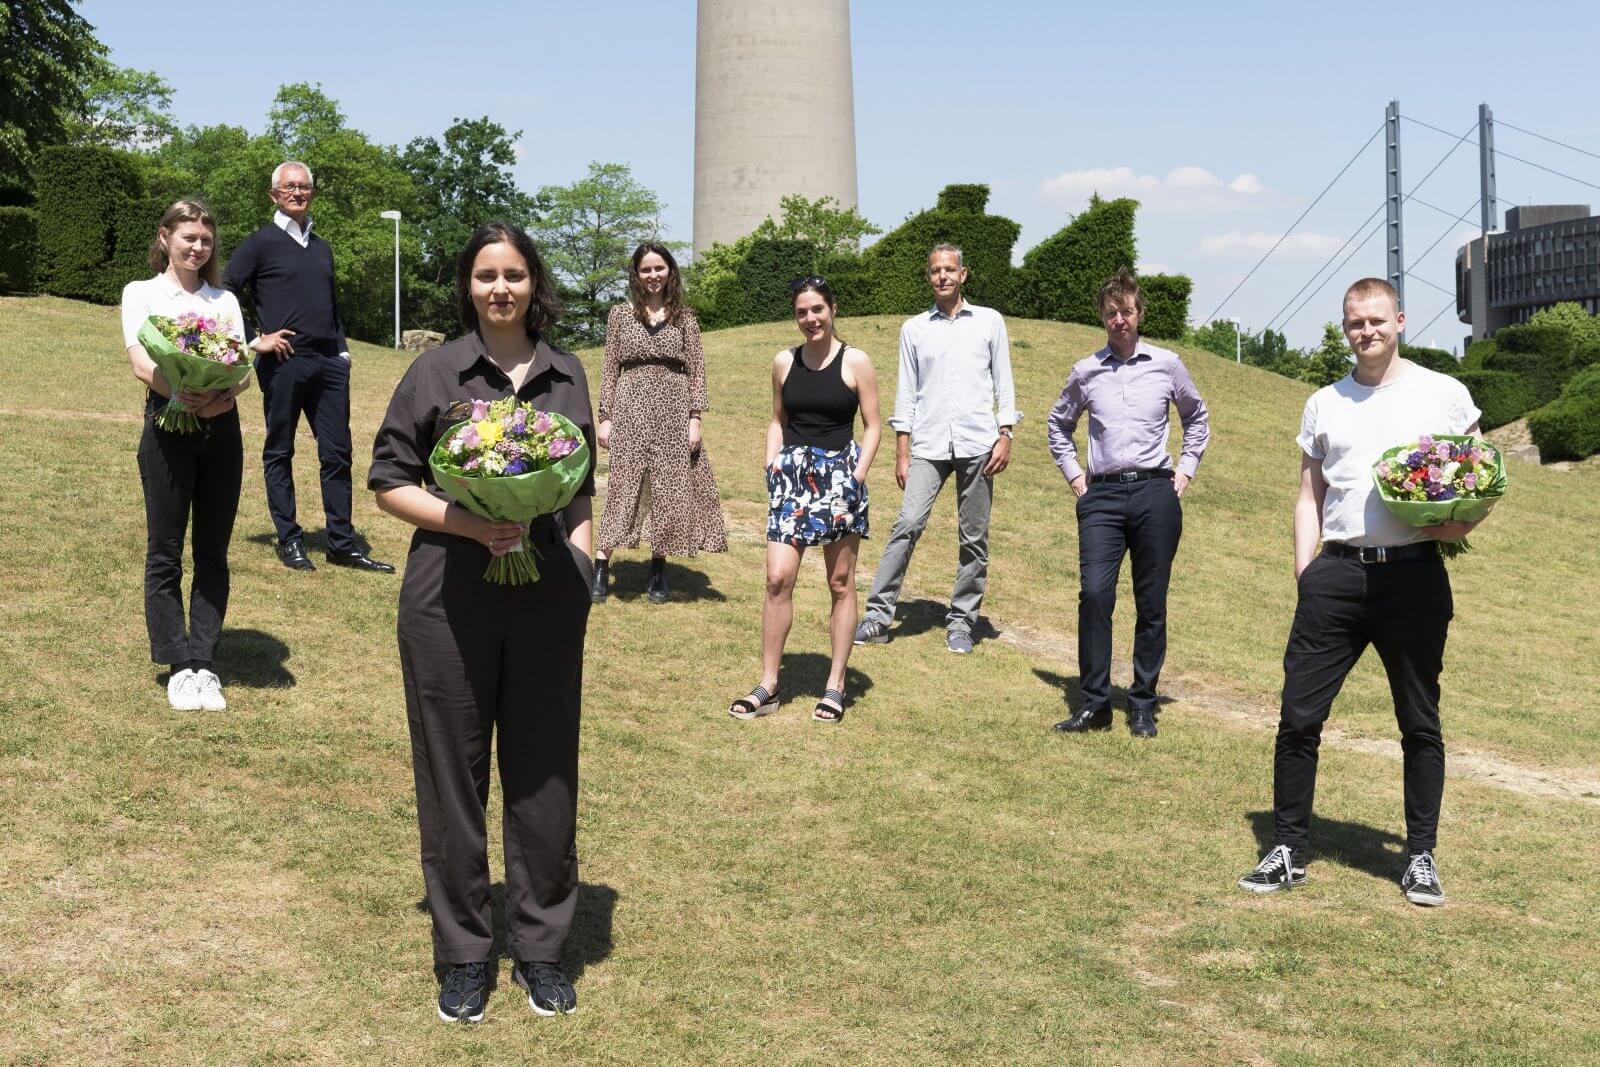 BEST Kunstförderpreis: Stipendium zum zehnten Mal vergeben